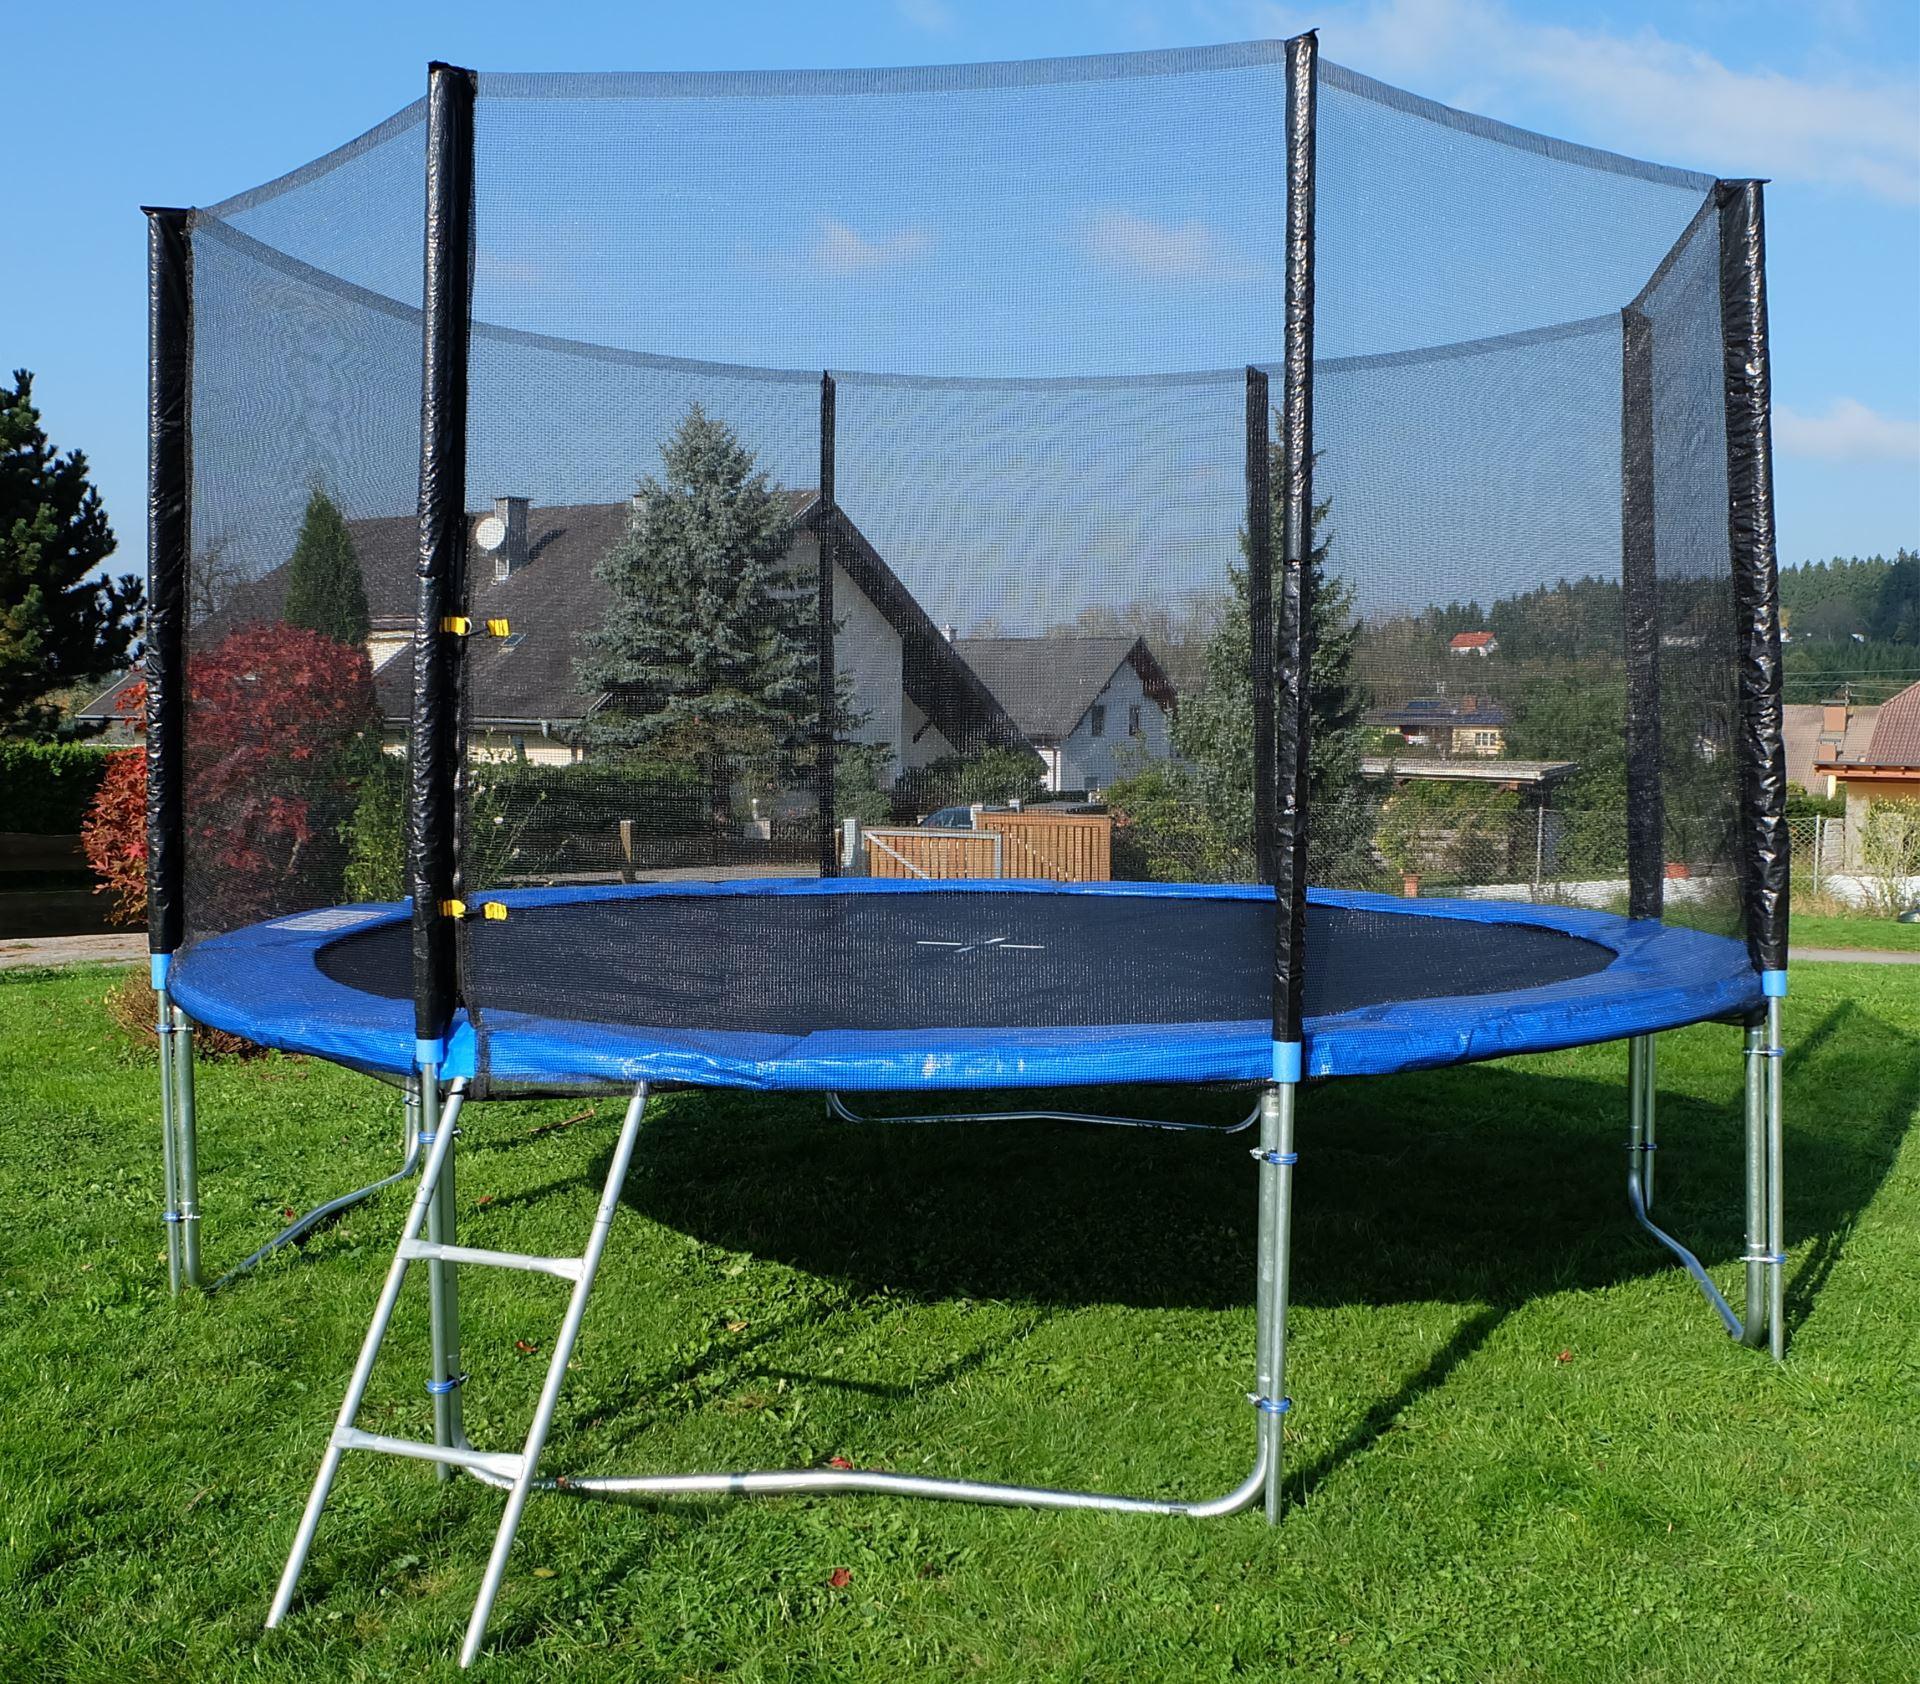 outdoor gartentrampolin trampolin xl 436cm komplett inkl. Black Bedroom Furniture Sets. Home Design Ideas